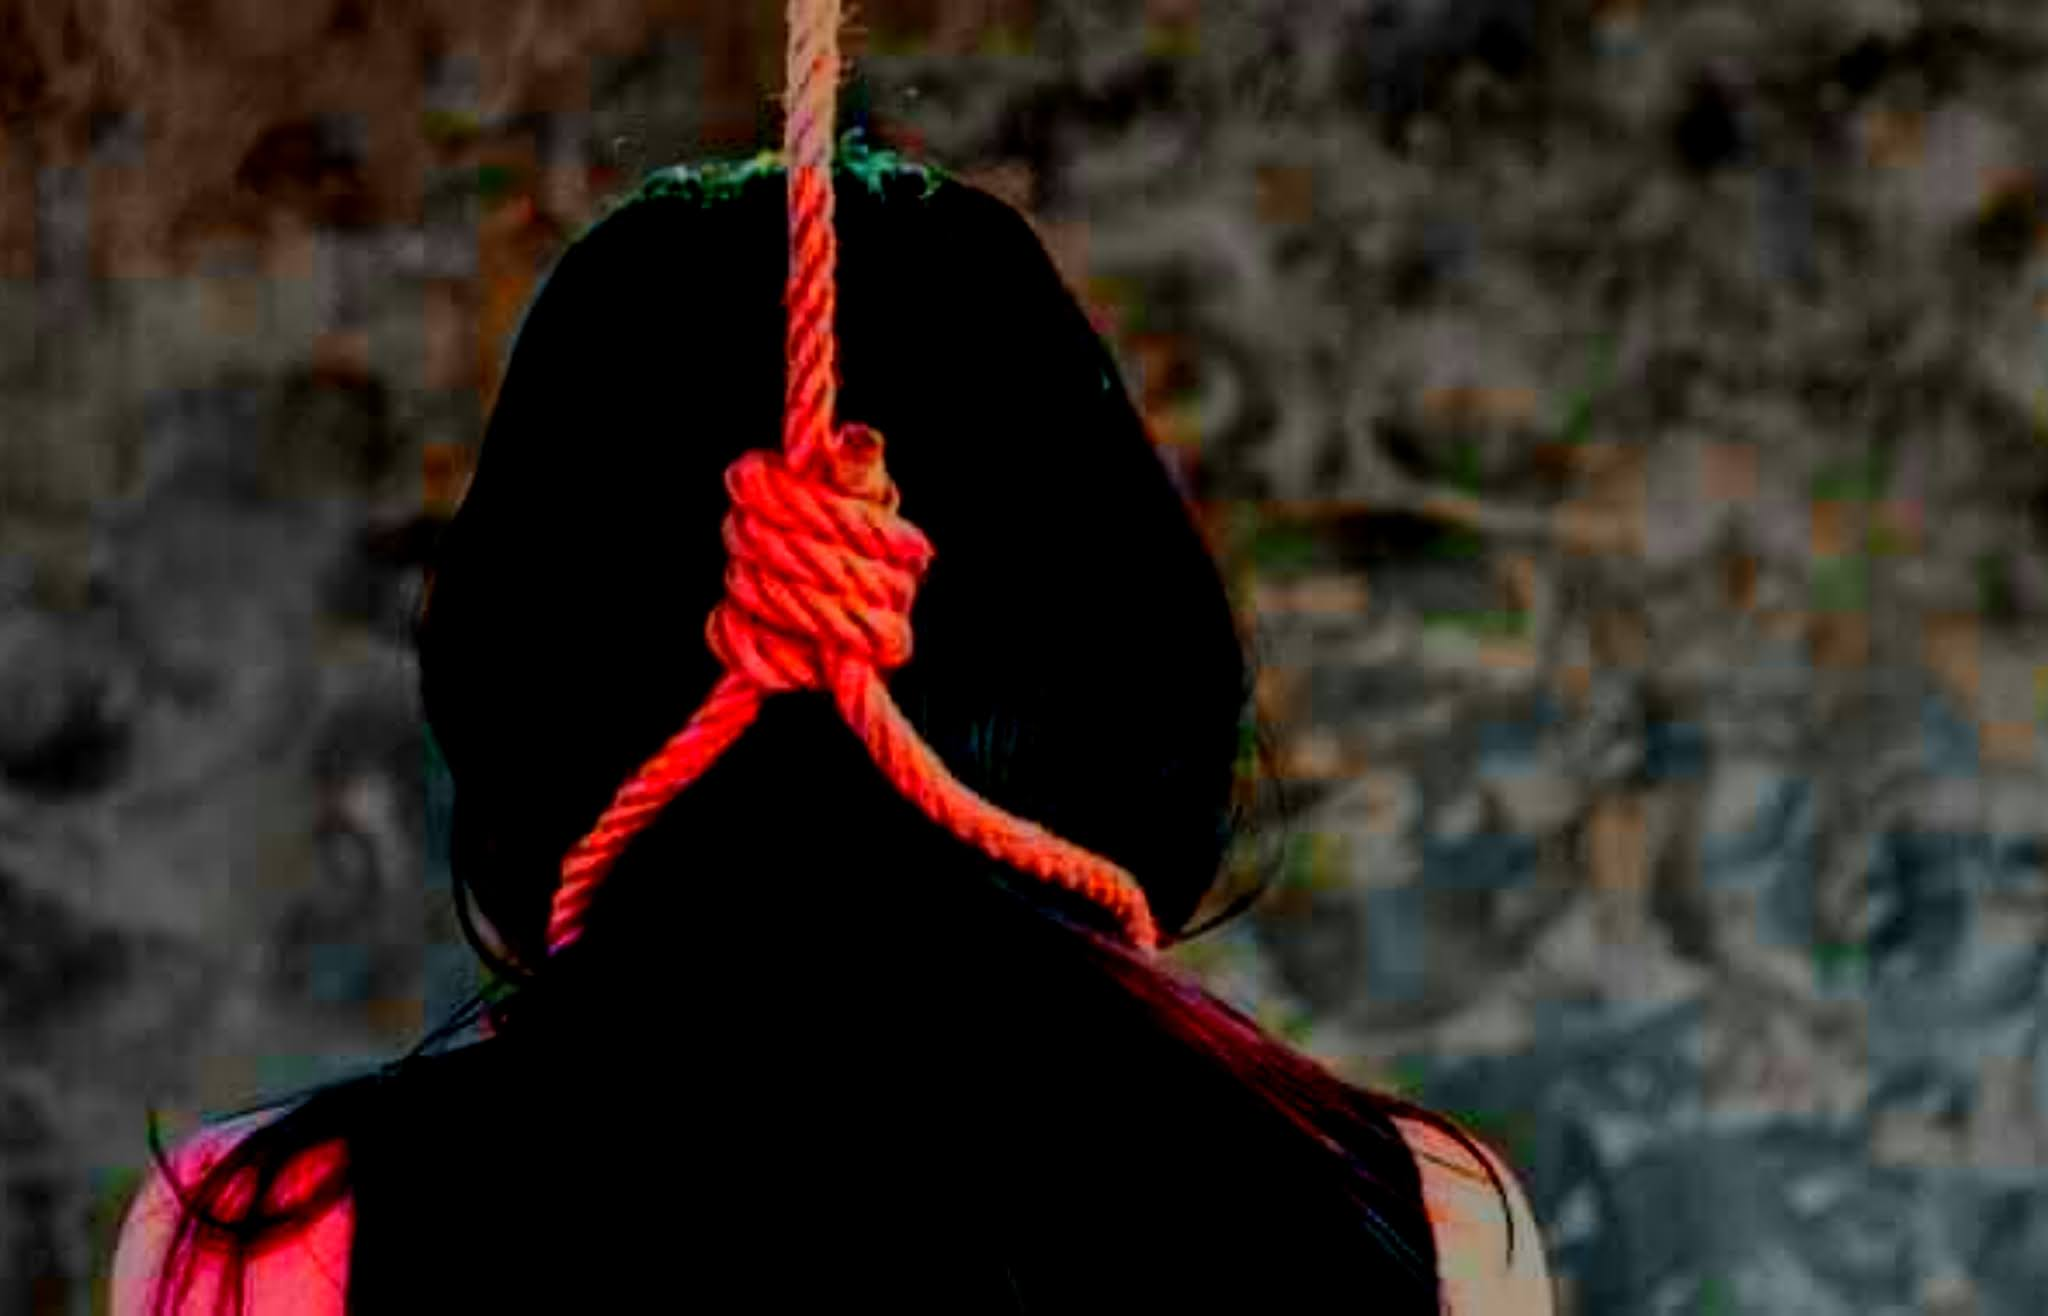 Simak, Dalam Kristen Bunuh Diri Adalah Dosa Besar